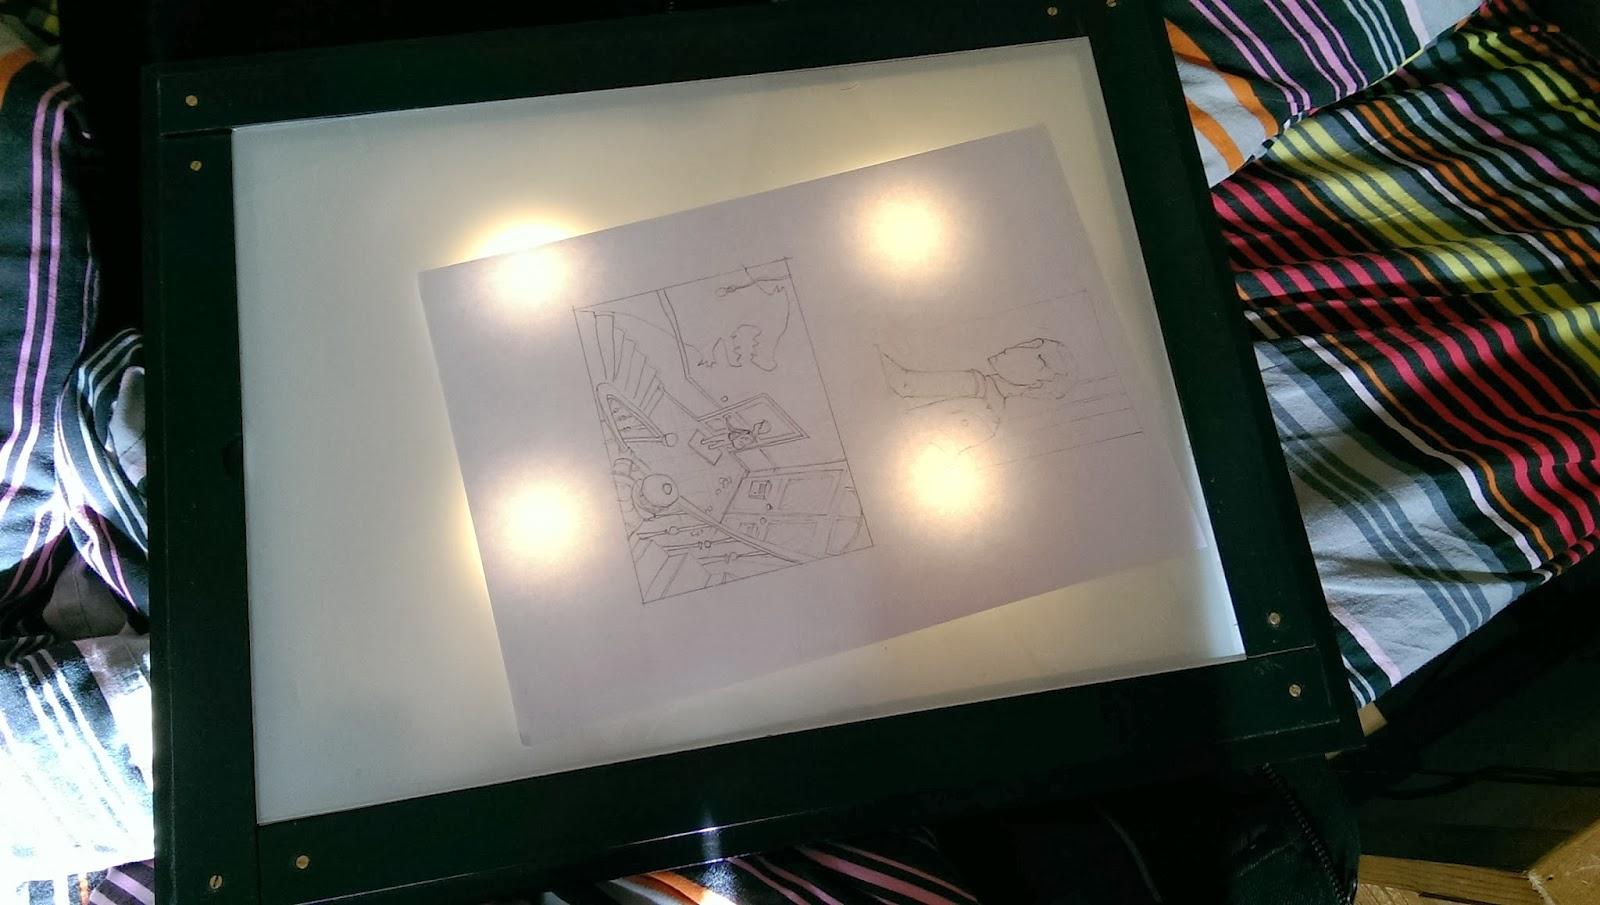 la menuiserie 503 une tablette dessin lumineuse partir d 39 un cadre photo. Black Bedroom Furniture Sets. Home Design Ideas